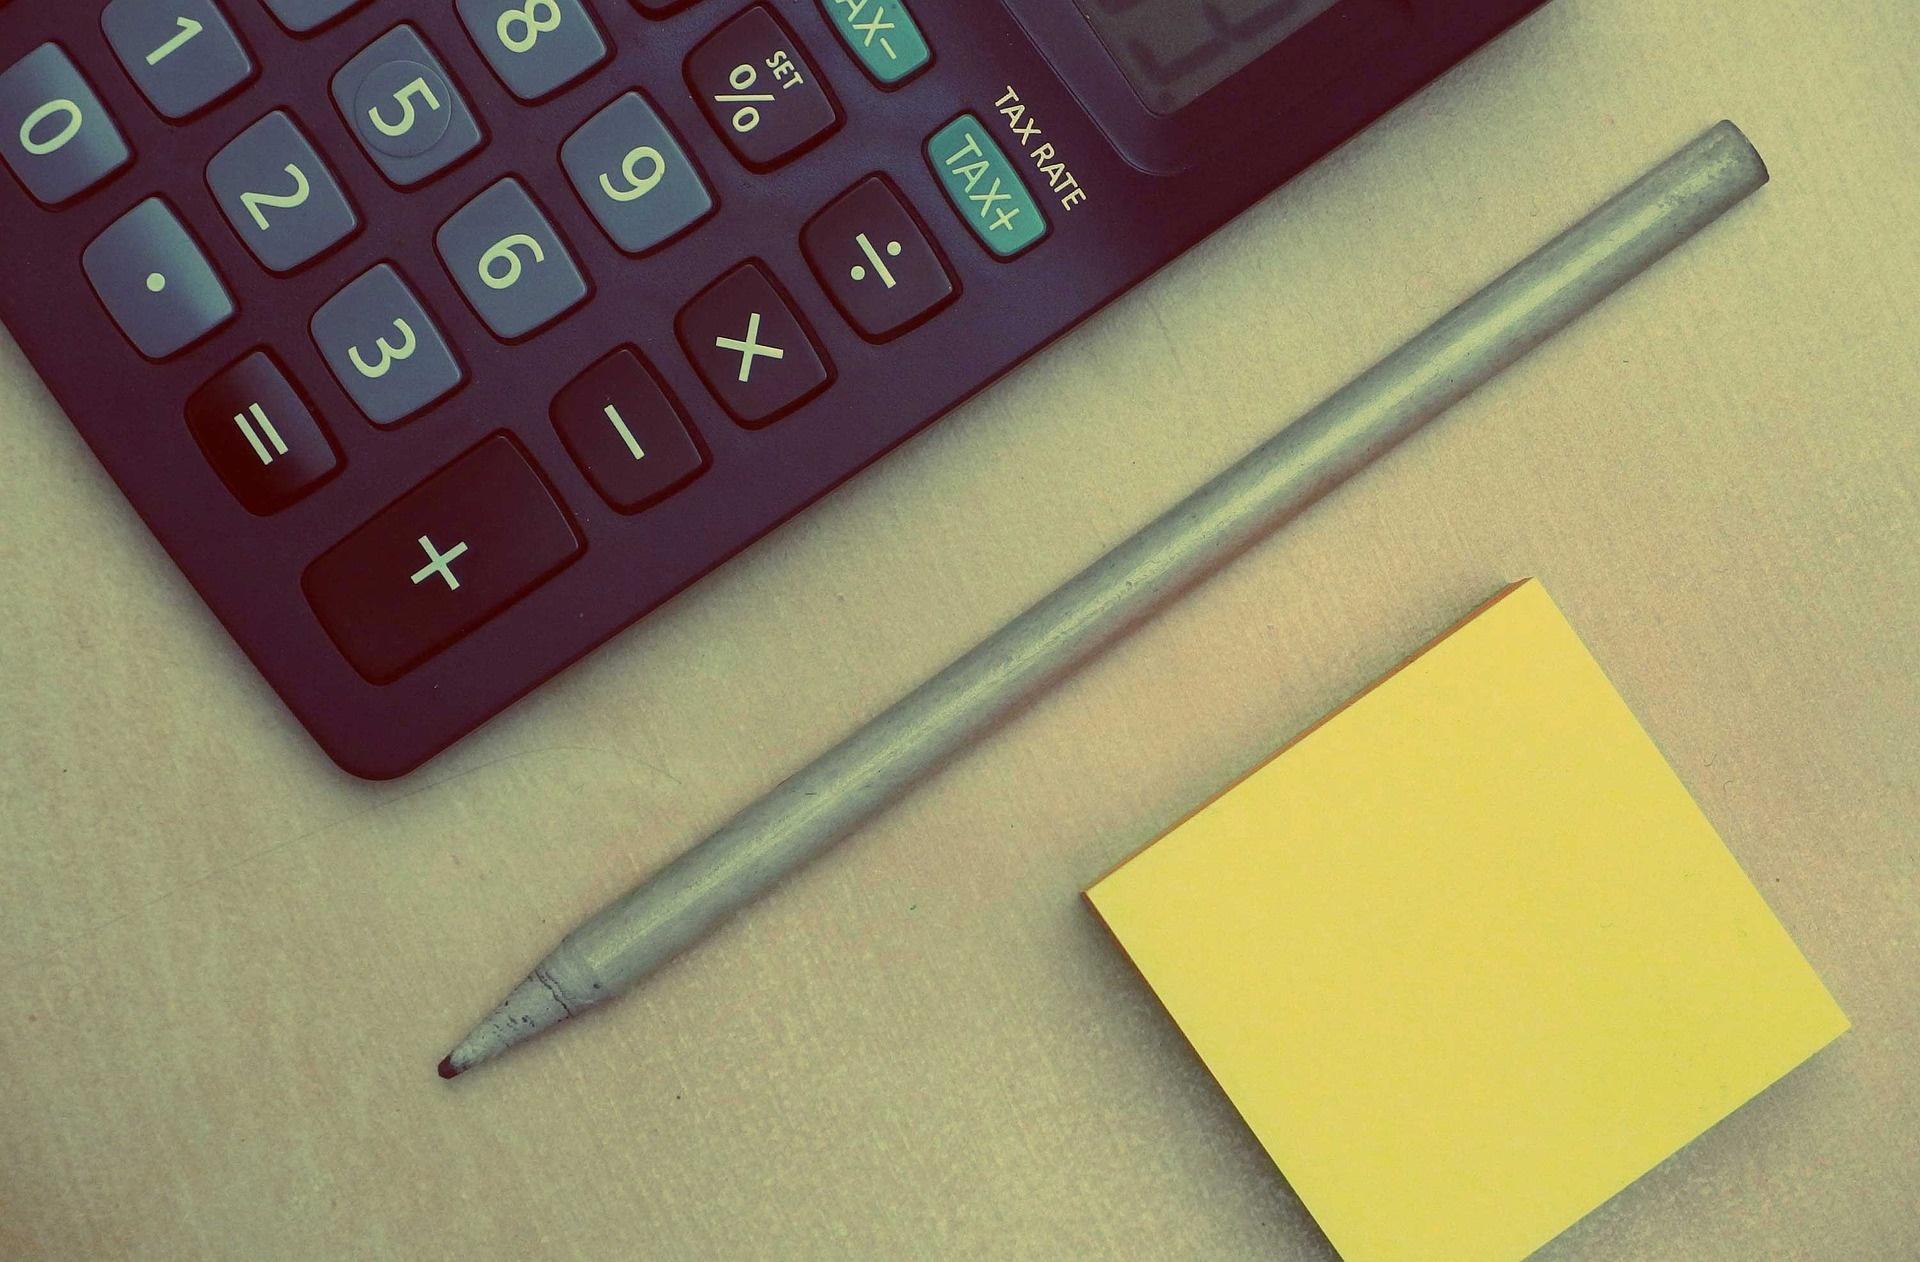 Planejamento Financeiro - o que ele envolve